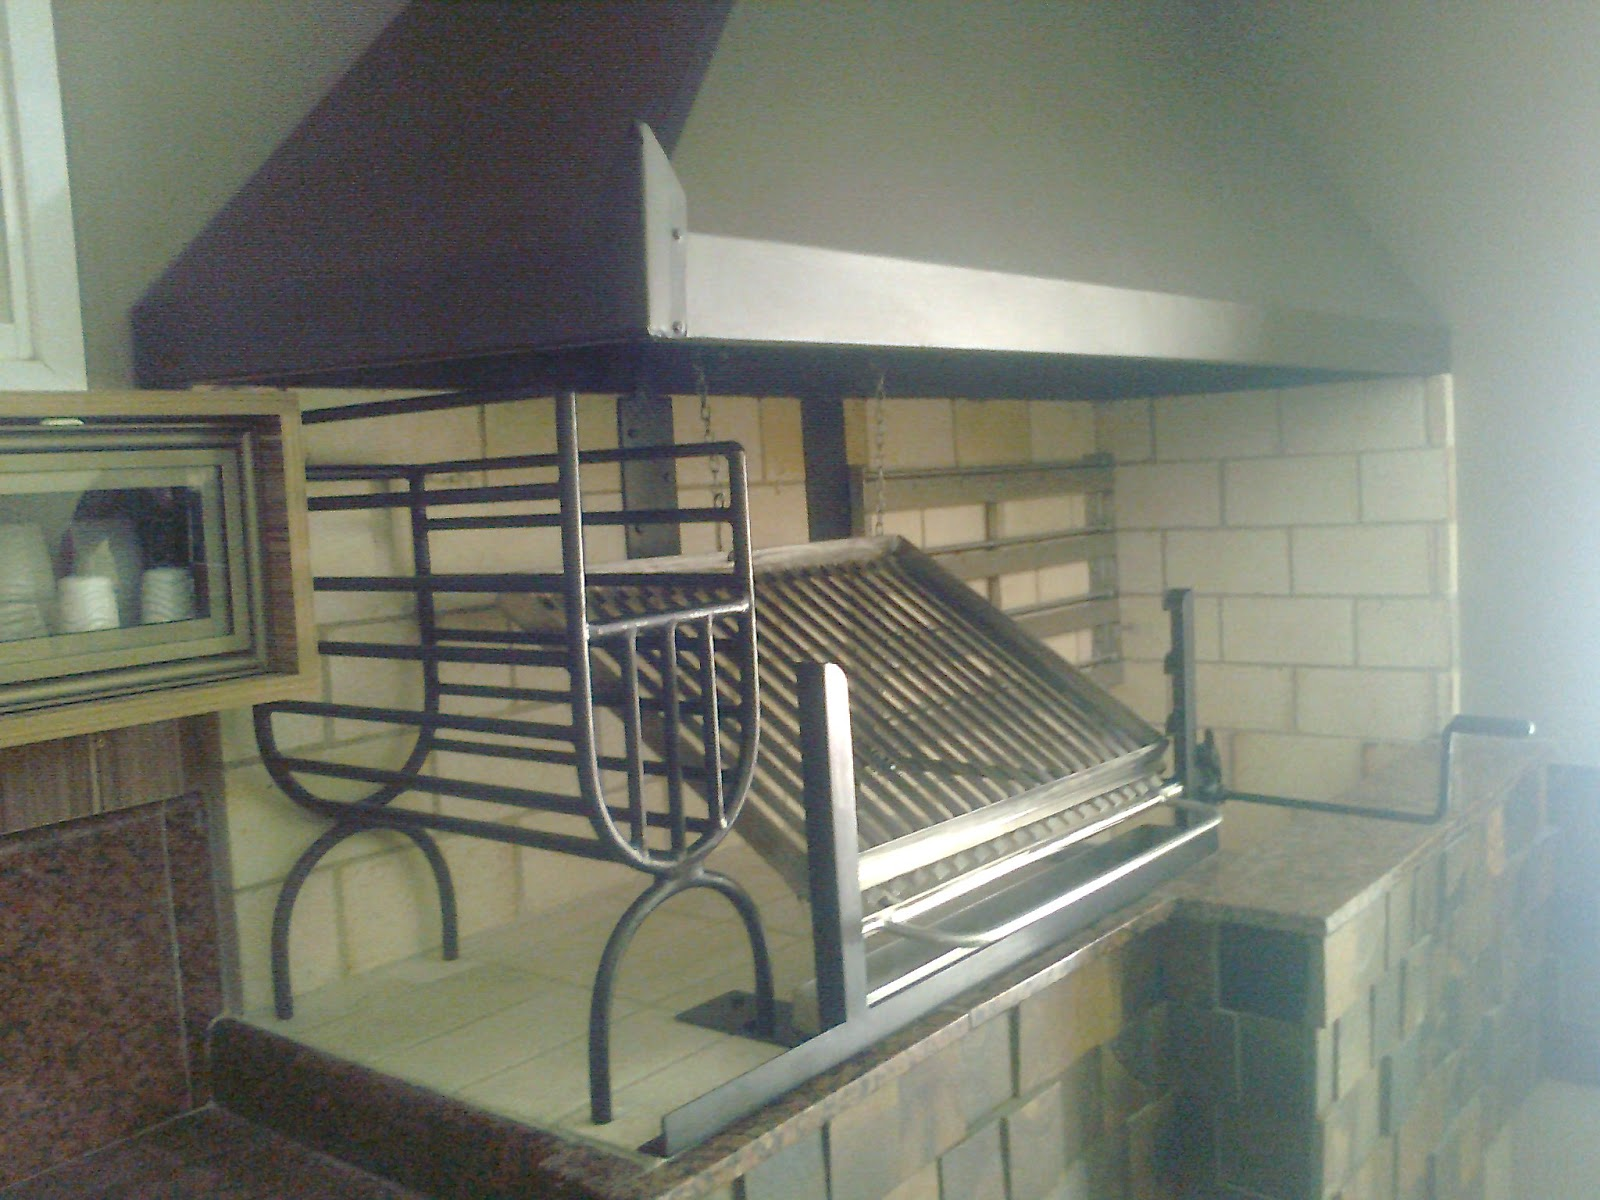 1000 images about parrillas on pinterest brick grill - Parrilla para casa ...